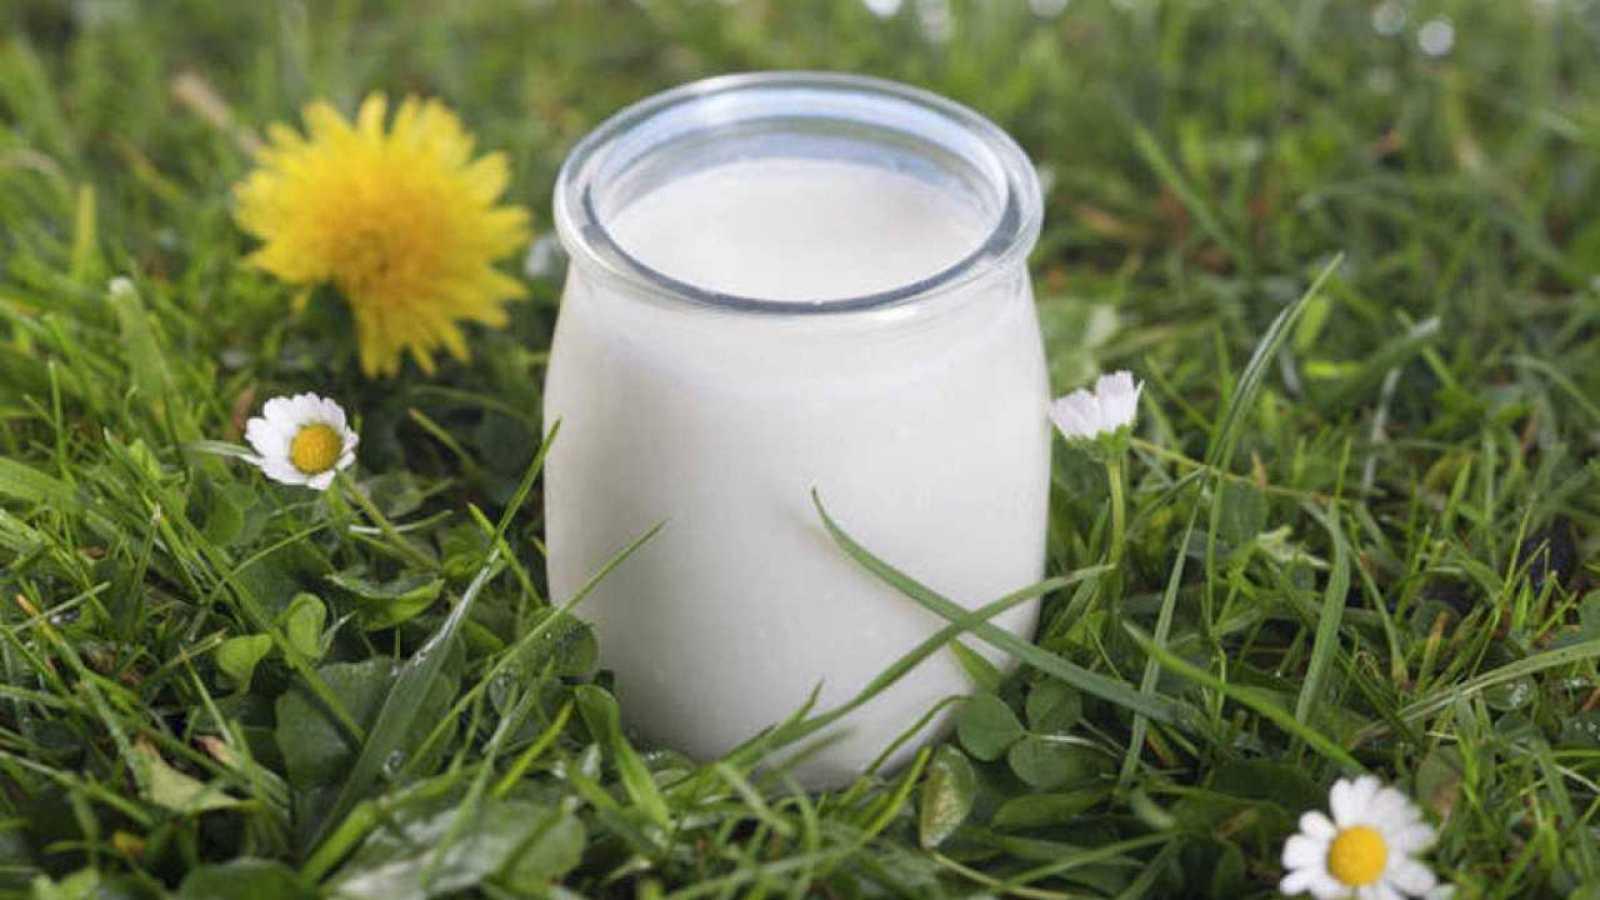 Los alimentos como el yogur contienen bacterias vivas.